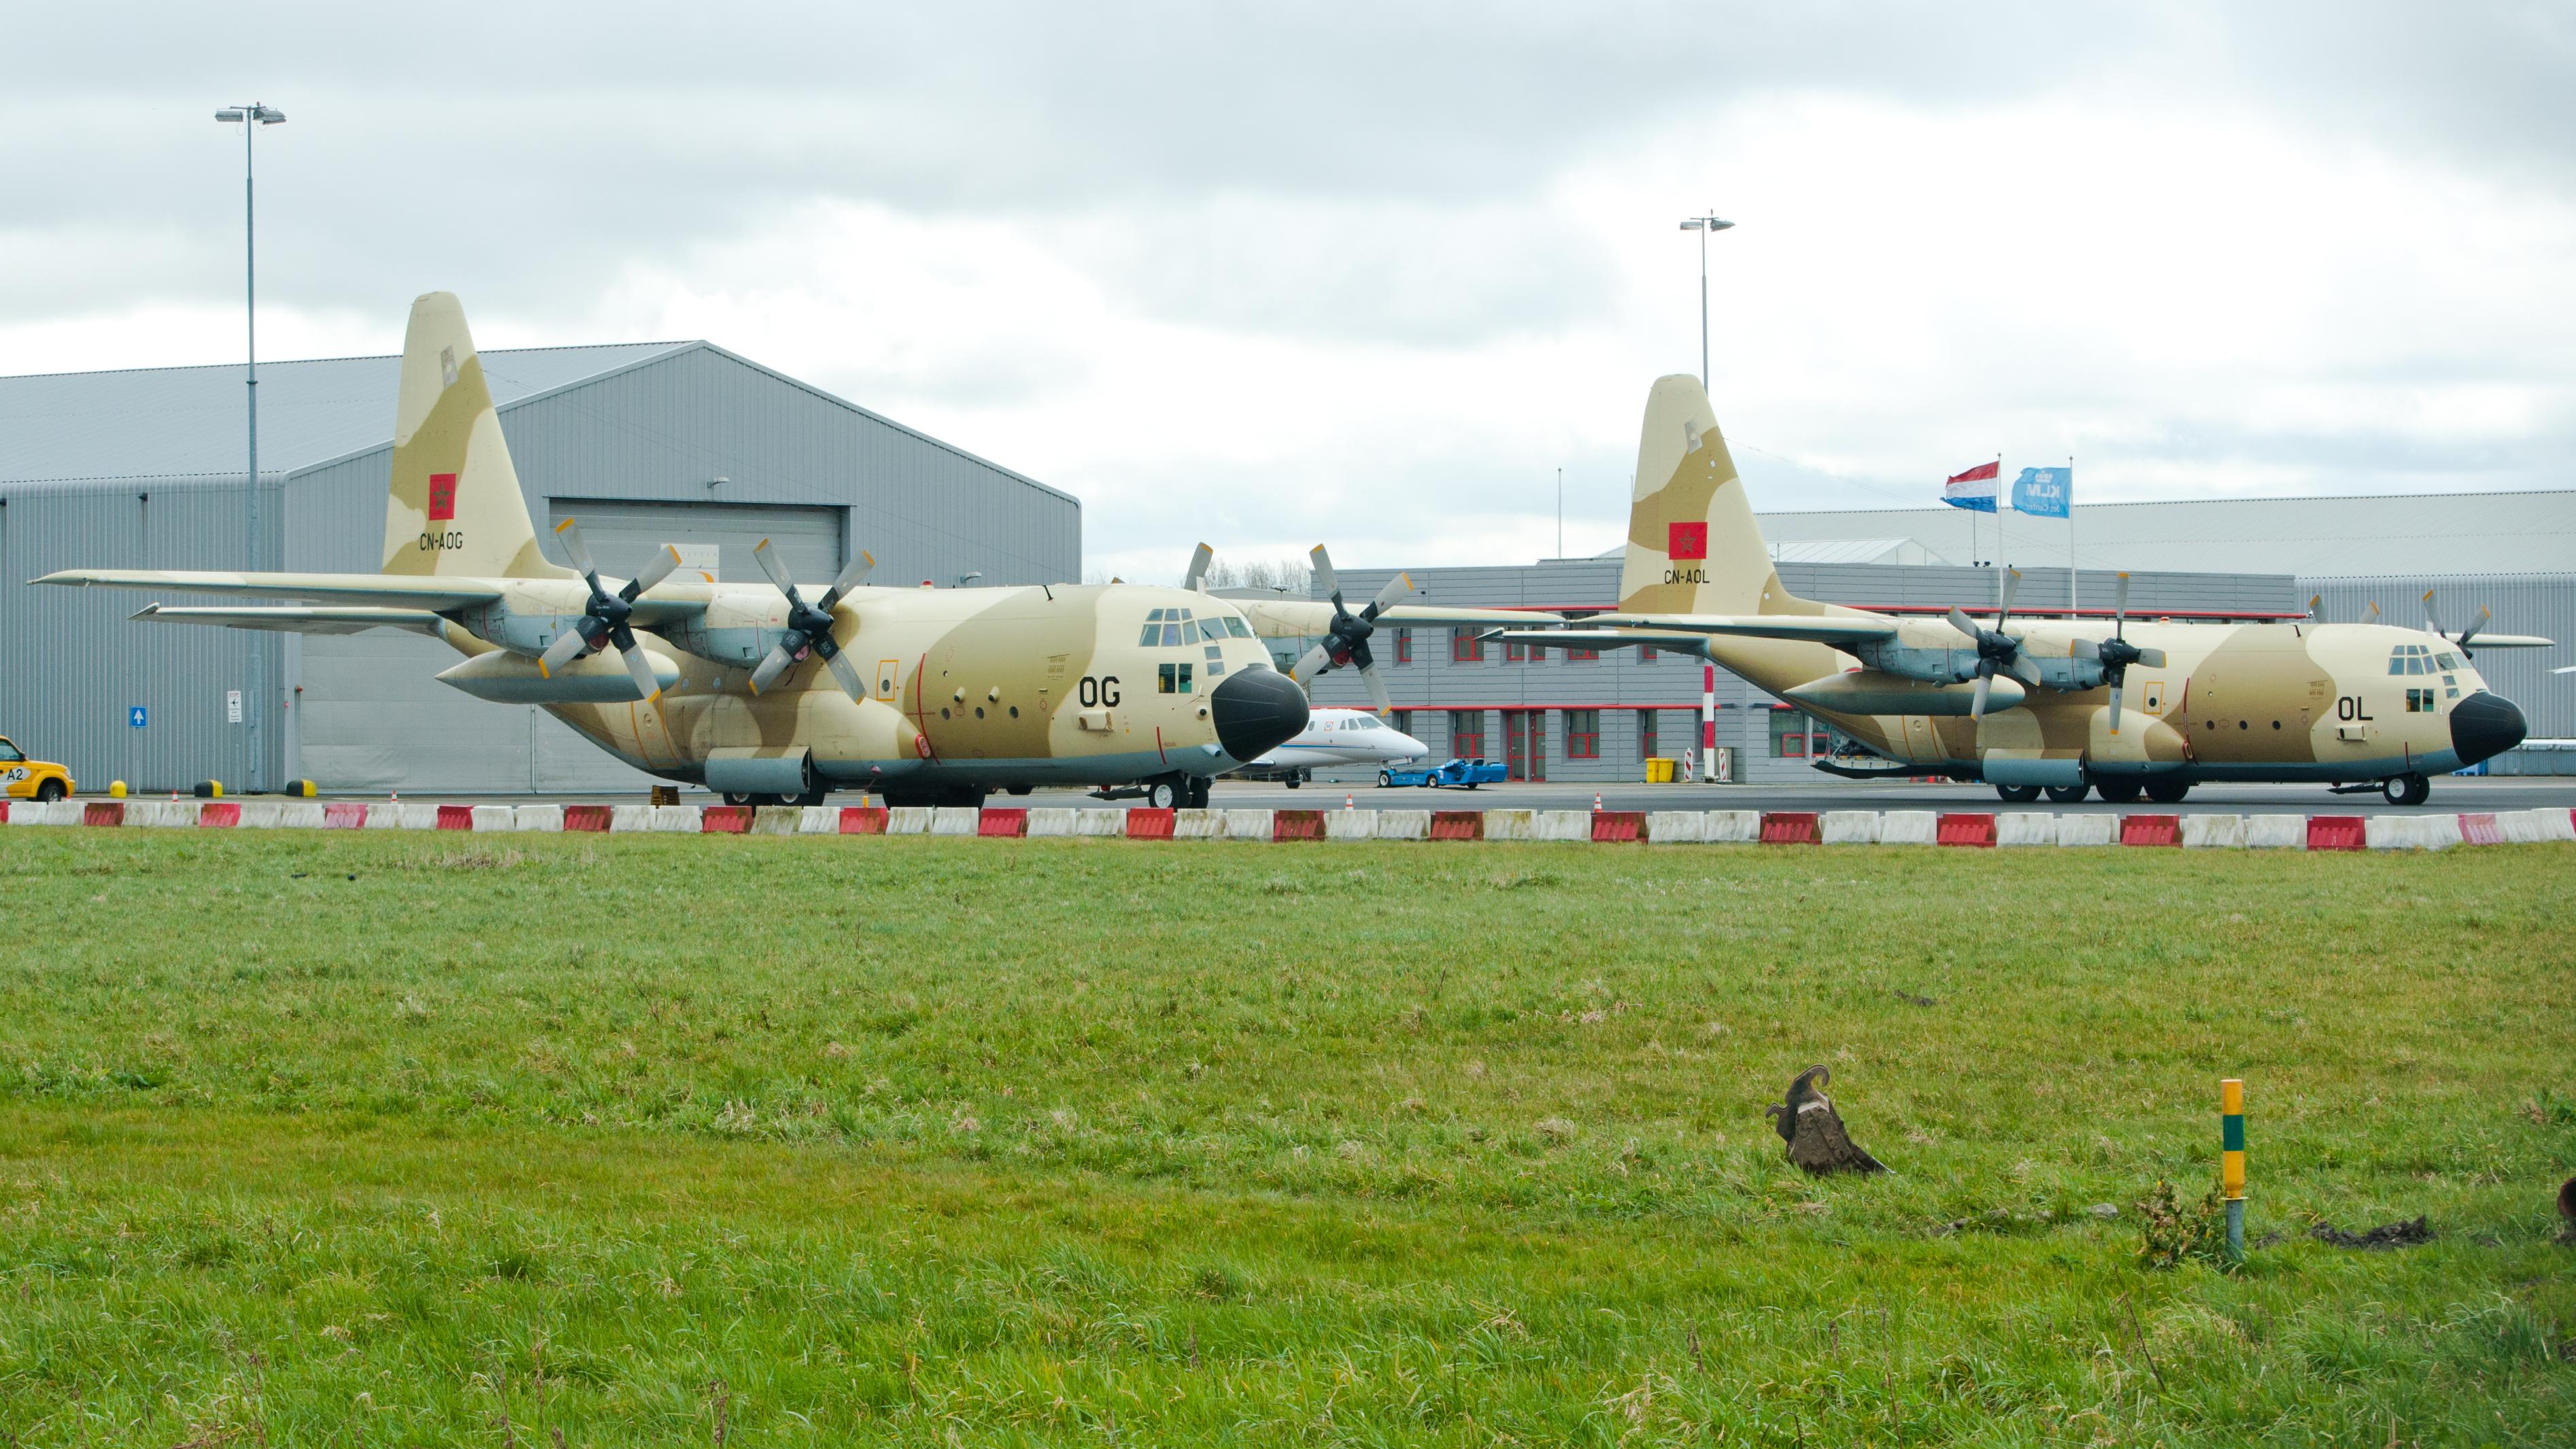 FRA: Photos d'avions de transport - Page 27 26063028116_51b5da2c22_o